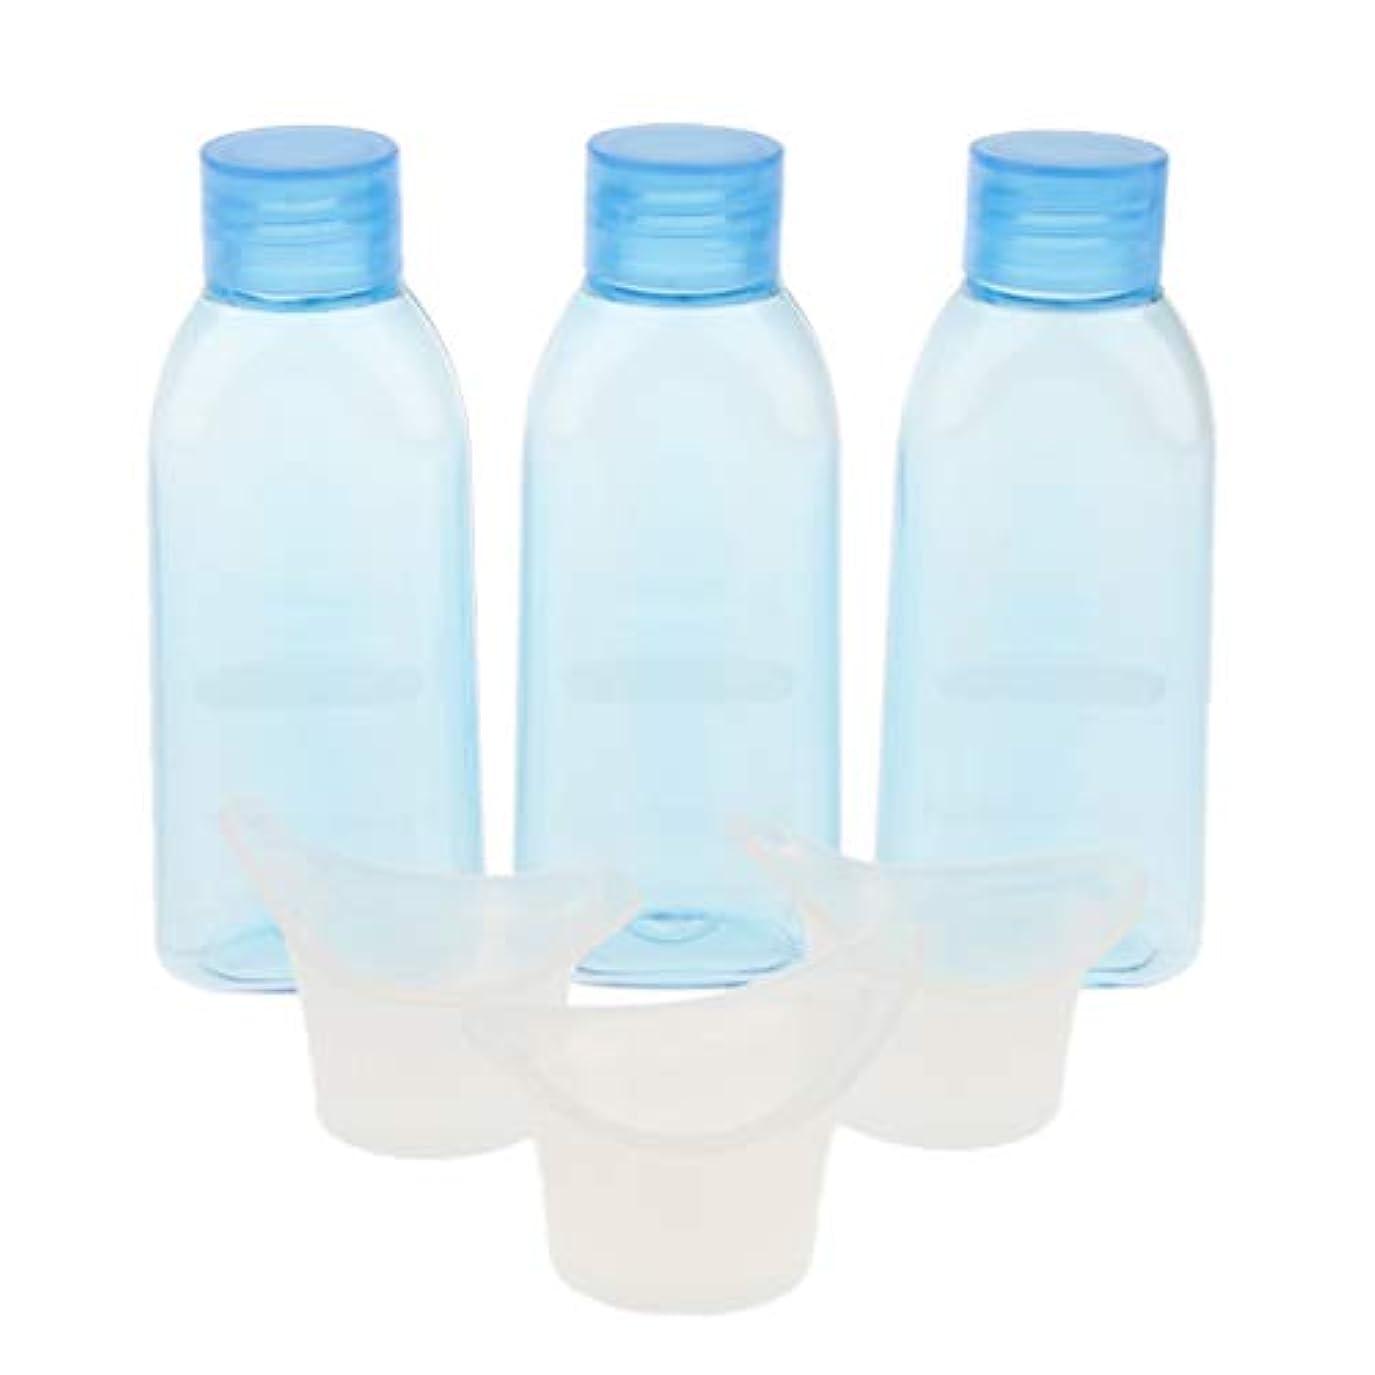 崖取るどこにも3セット アイスウォッシュ ボトル カップ 洗浄用 洗眼容器 2サイズ選べ - 100ミリリットル